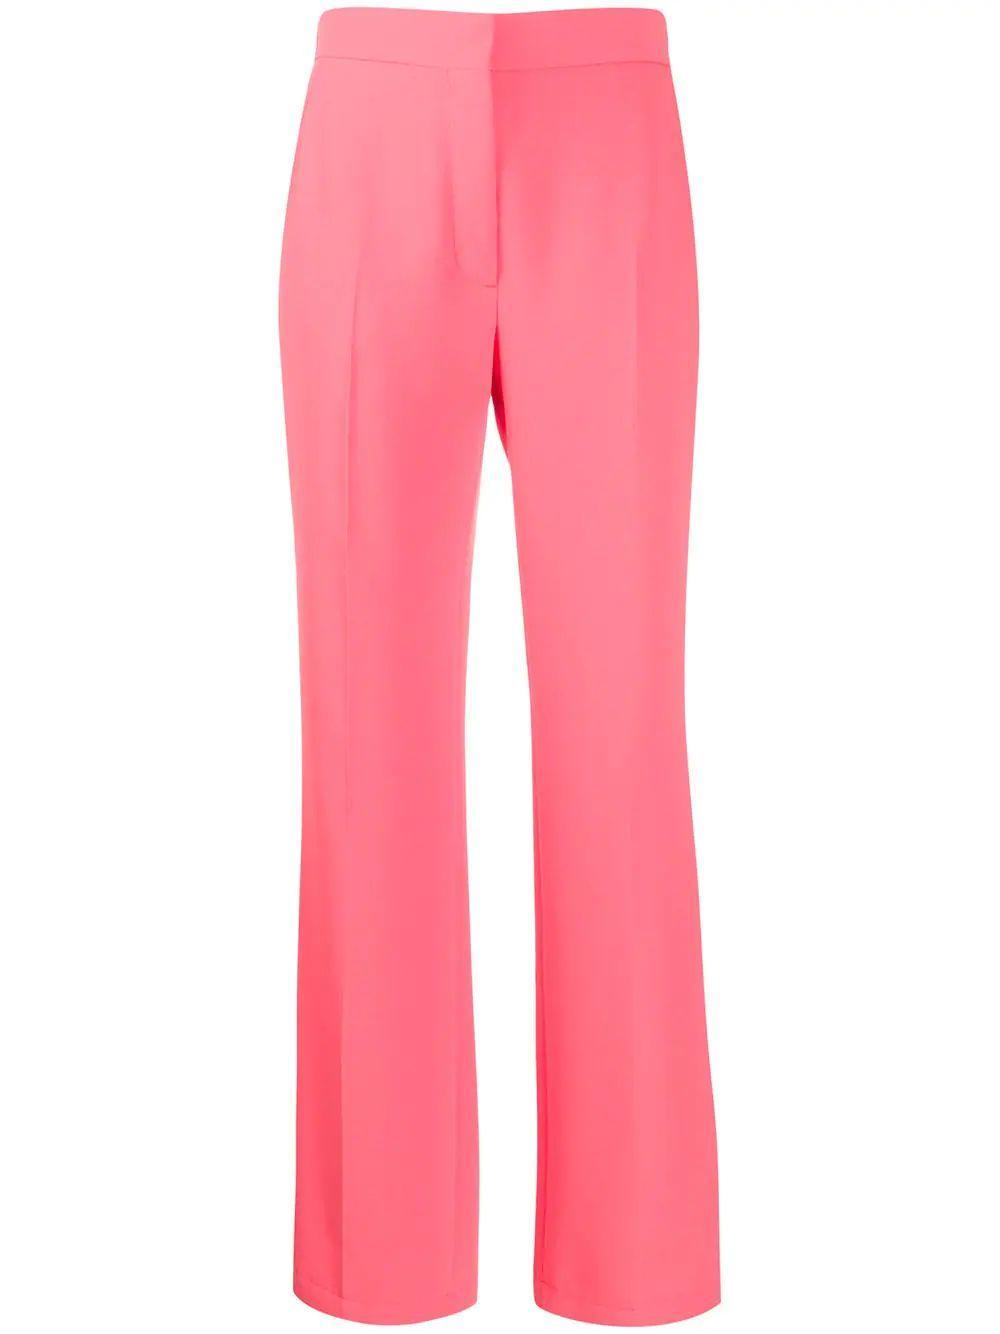 Signature Crepe Trouser Item # CHS20SPA02012